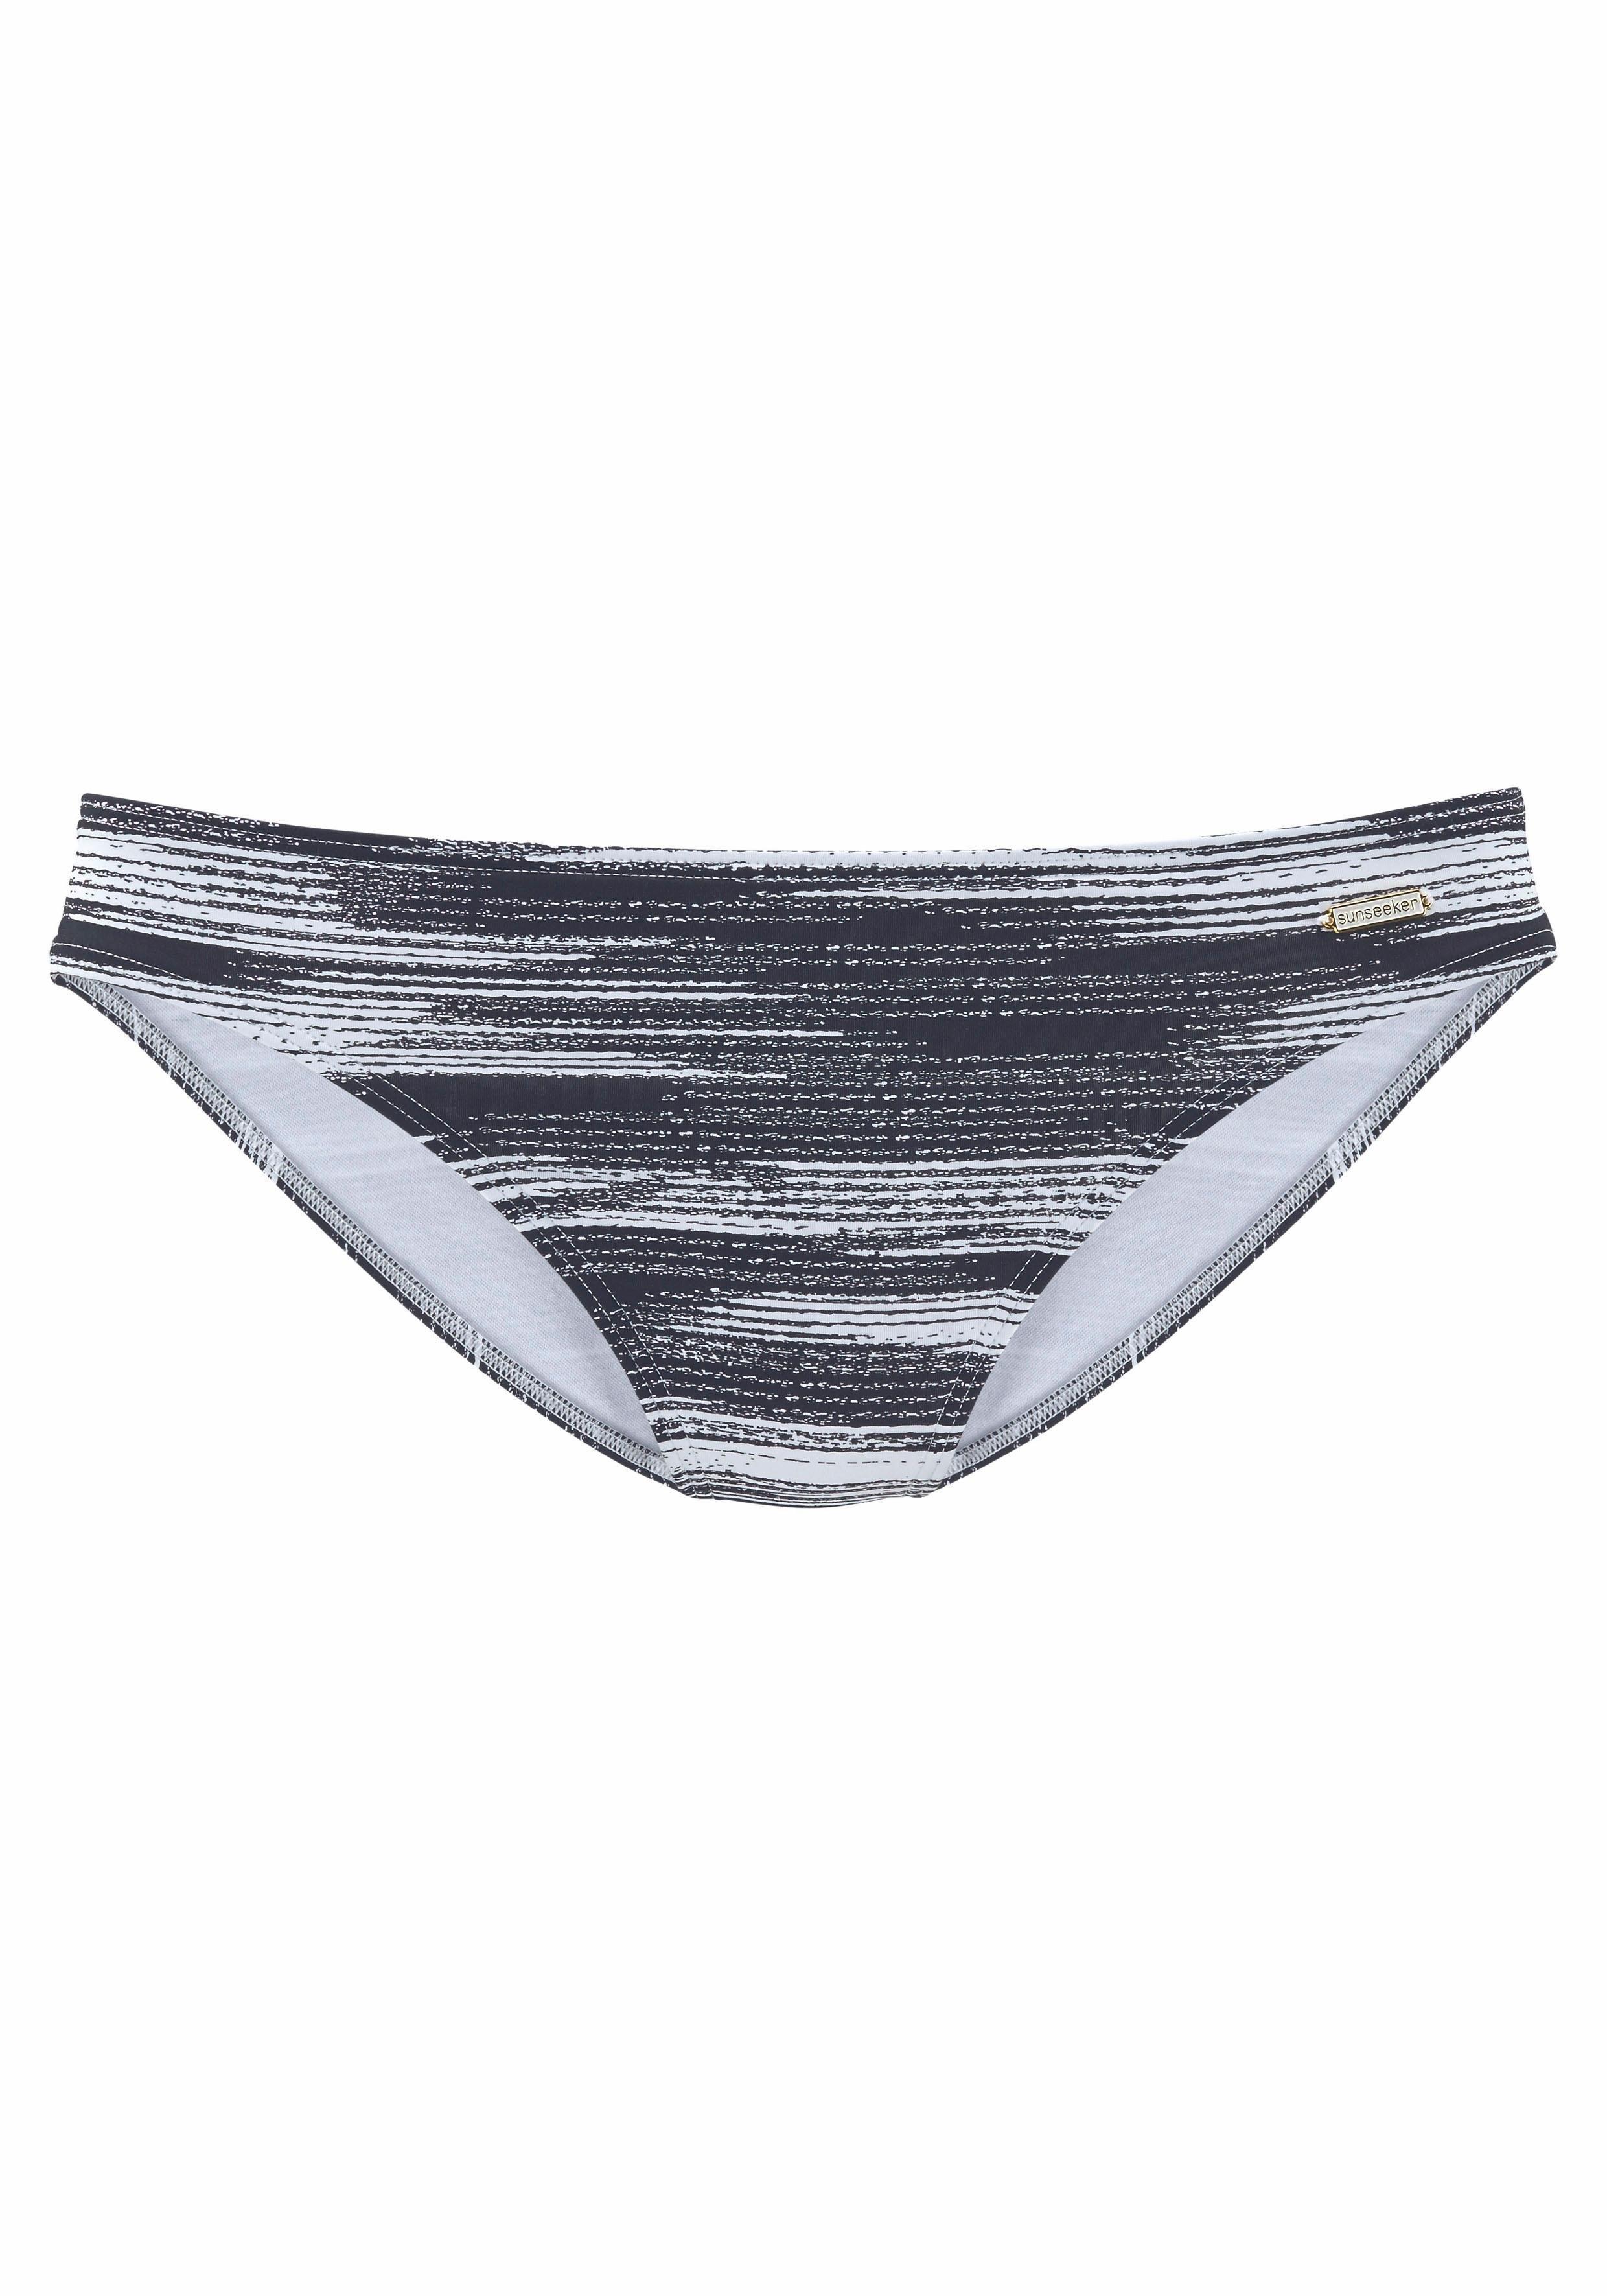 Op zoek naar een Sunseeker bikinibroekje? Koop online bij Lascana